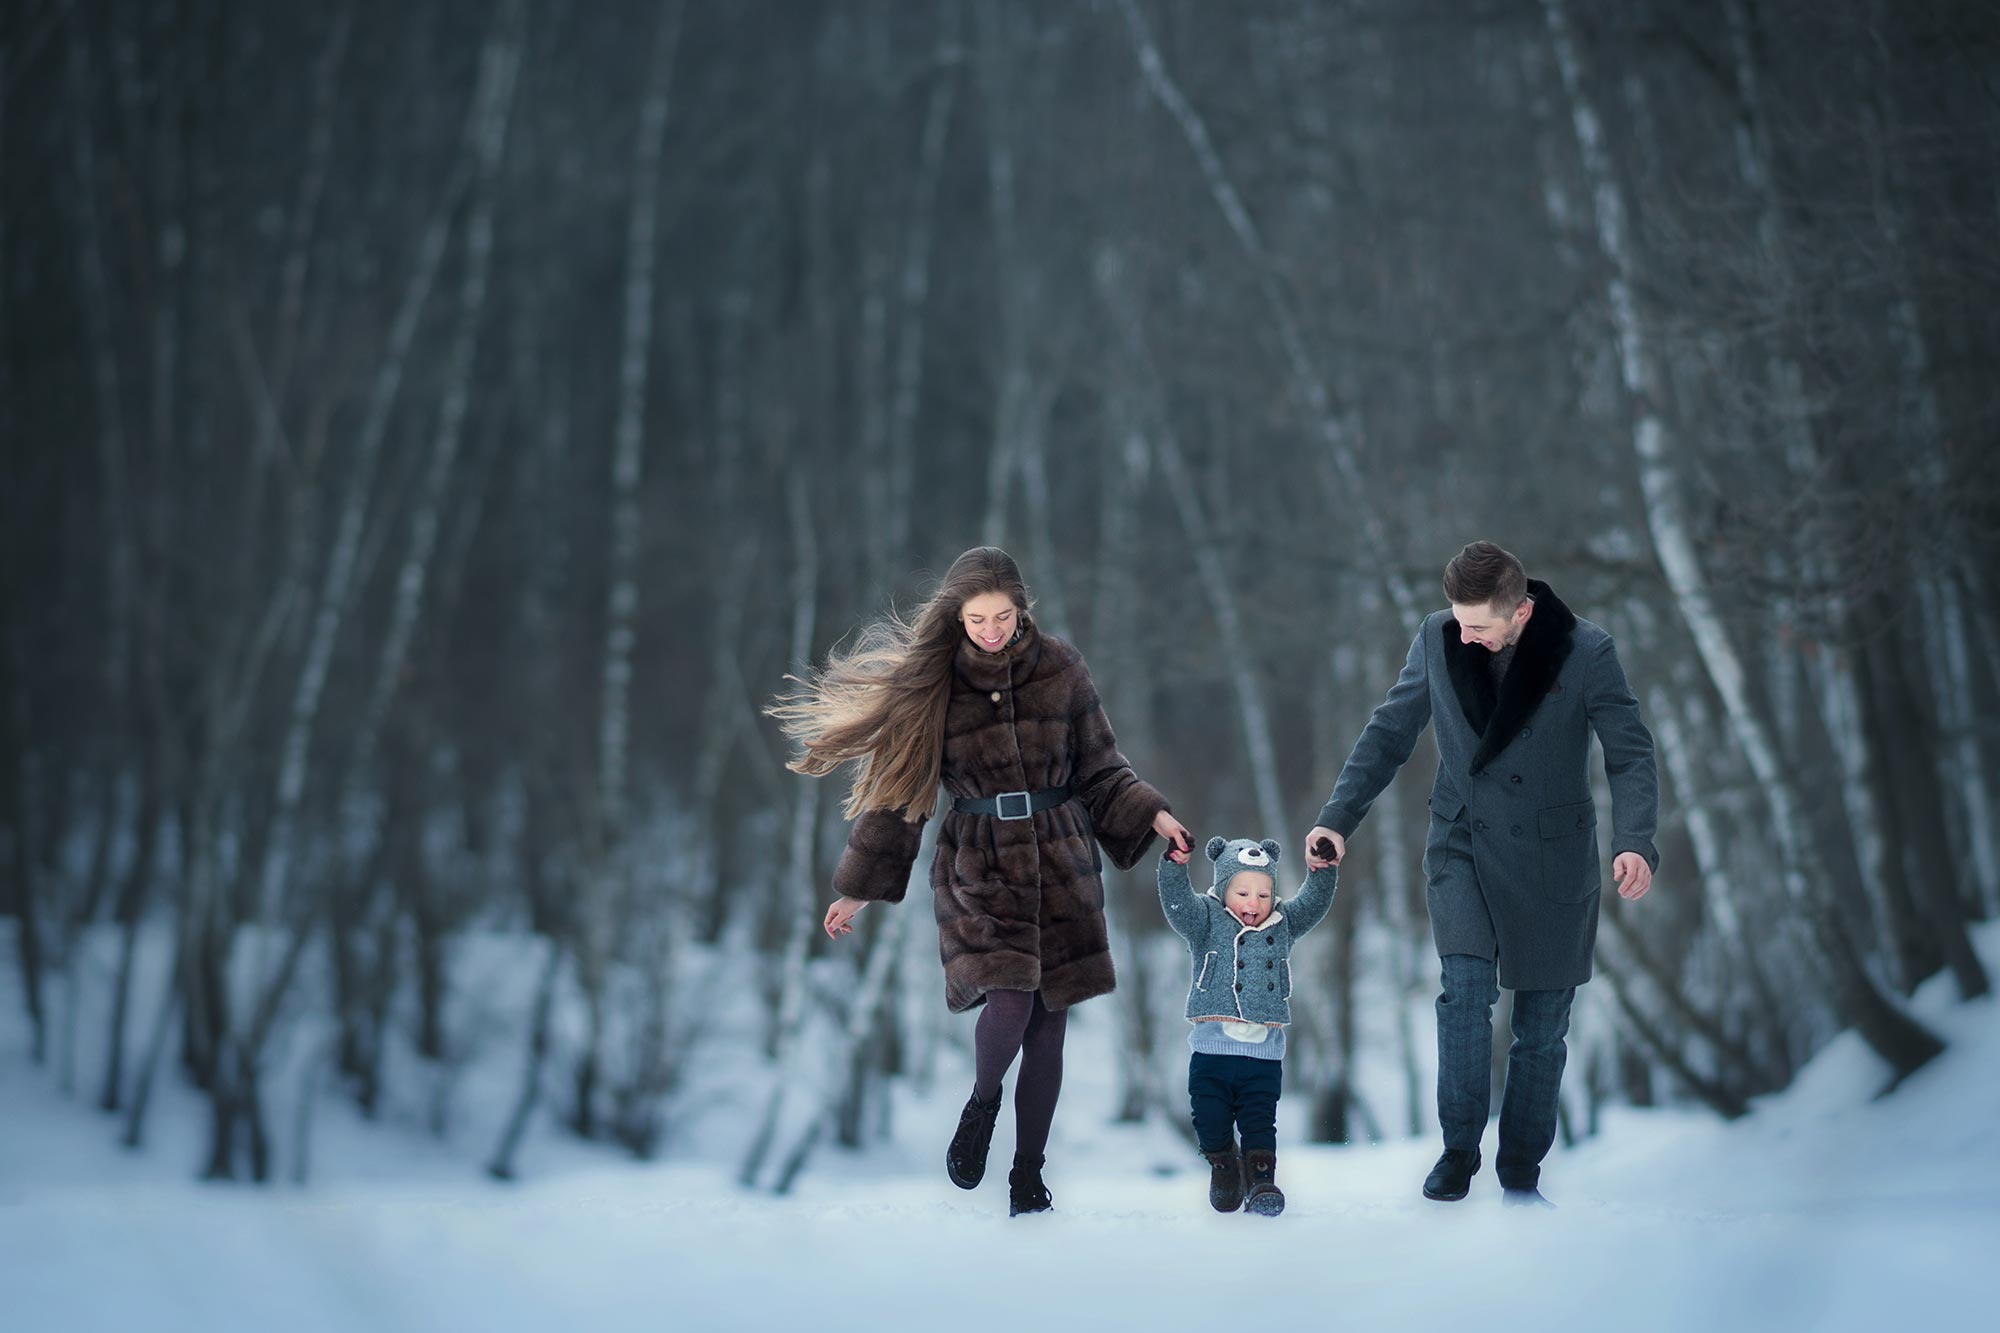 семейная фотосессия зимой